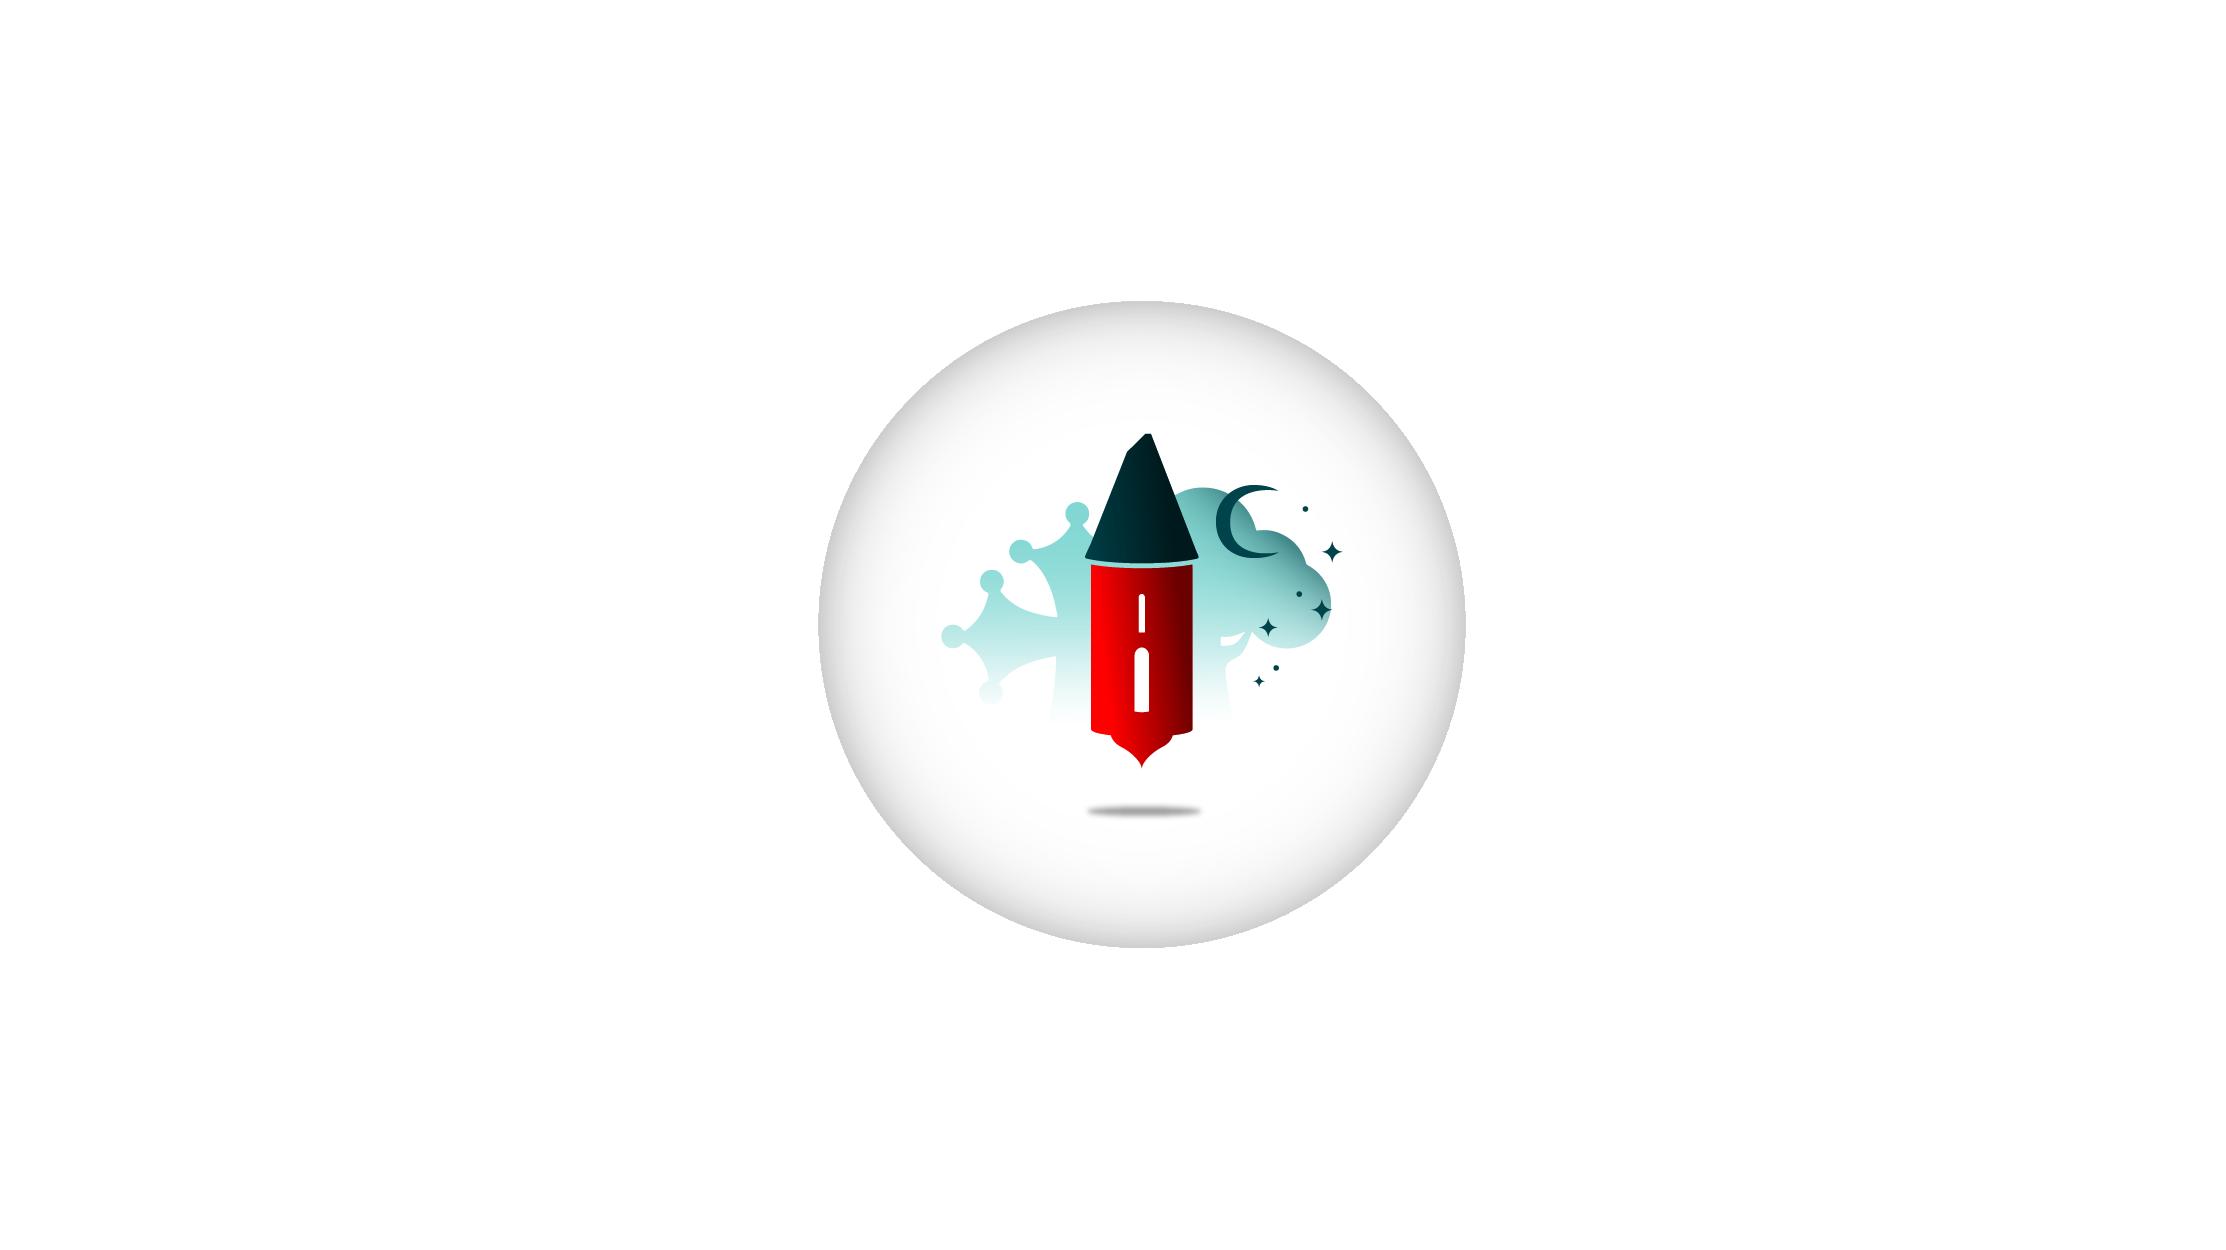 logo-une-caperan_Plan de travail 1_Plan de travail 1